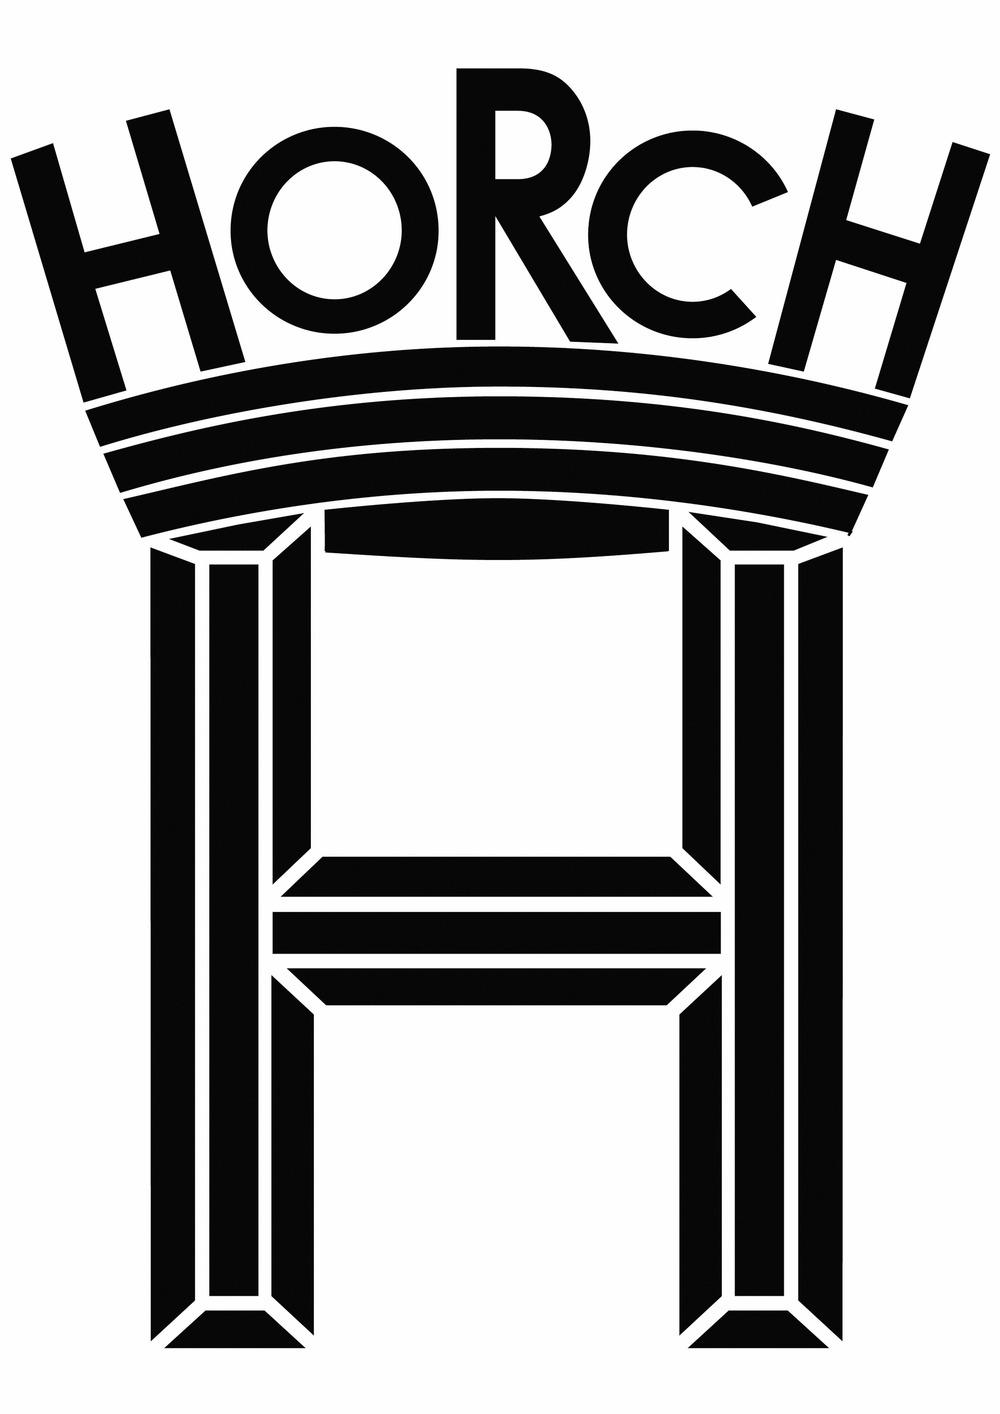 The Horch logo, circa 1899